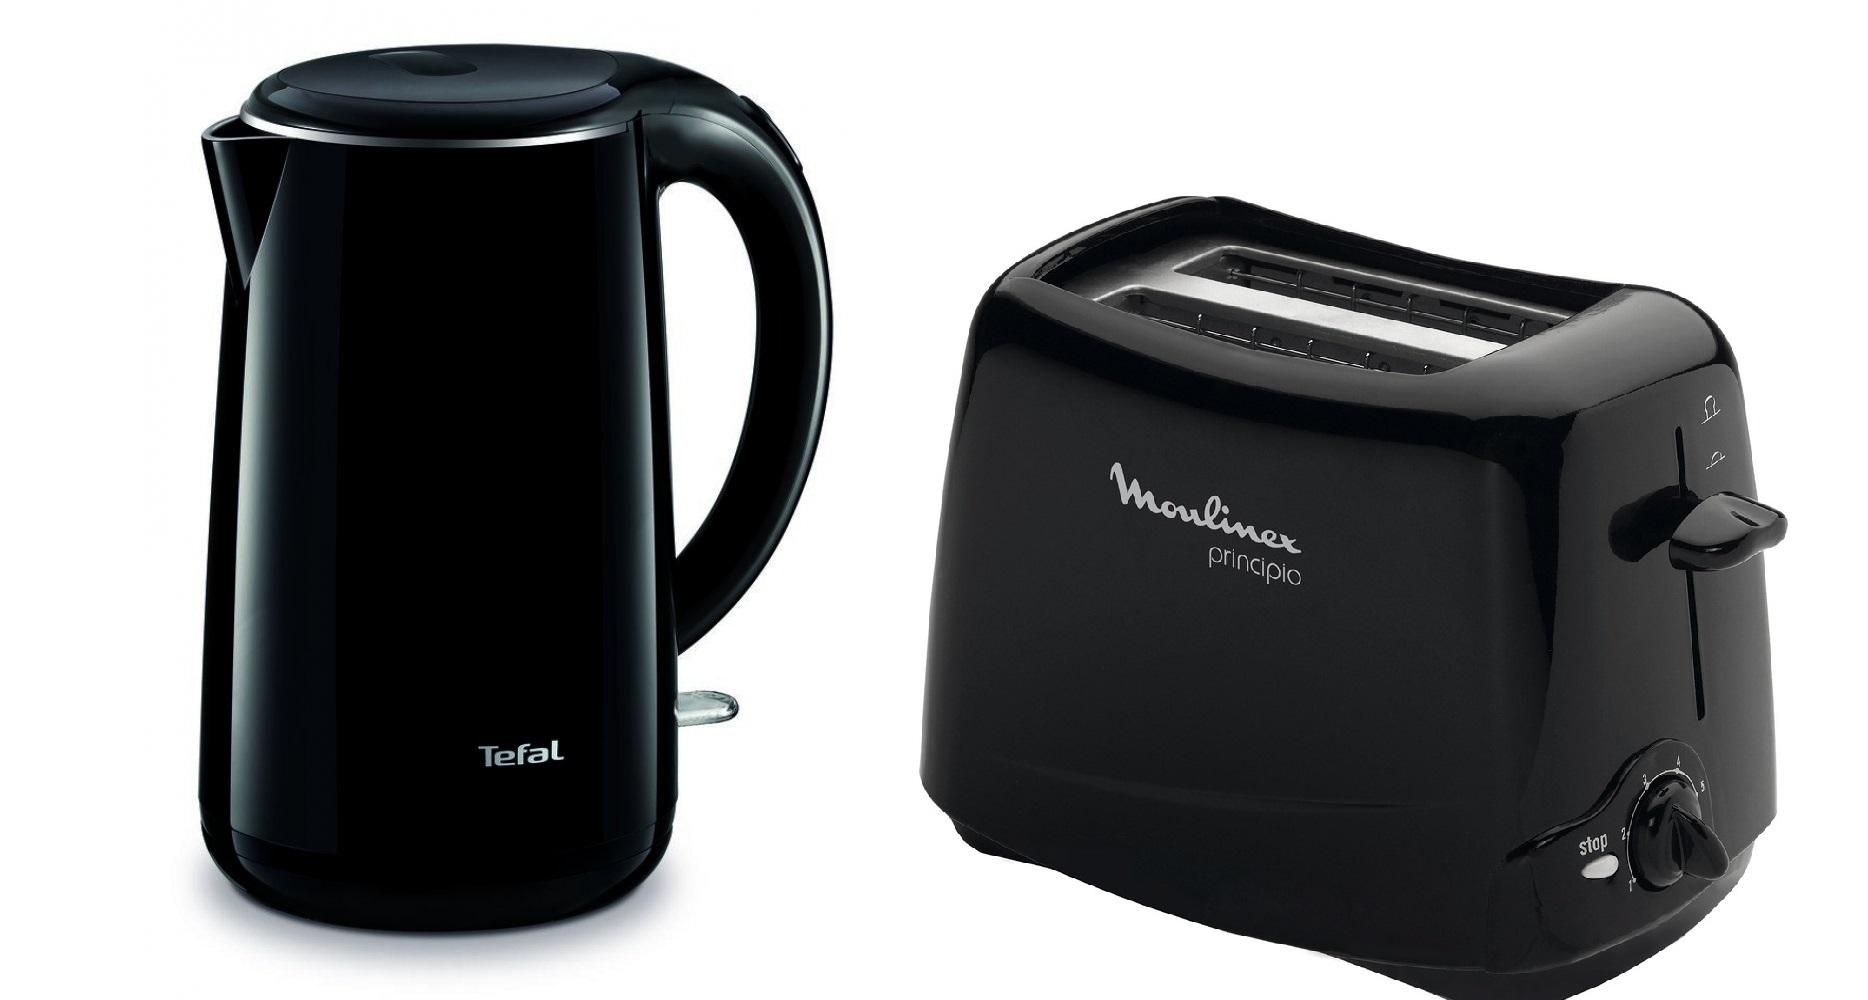 Комплект Чайник Tefal Safe to Touch KO2608 2150 Вт 1,7л + Тостер Moulinex Principio TT1102